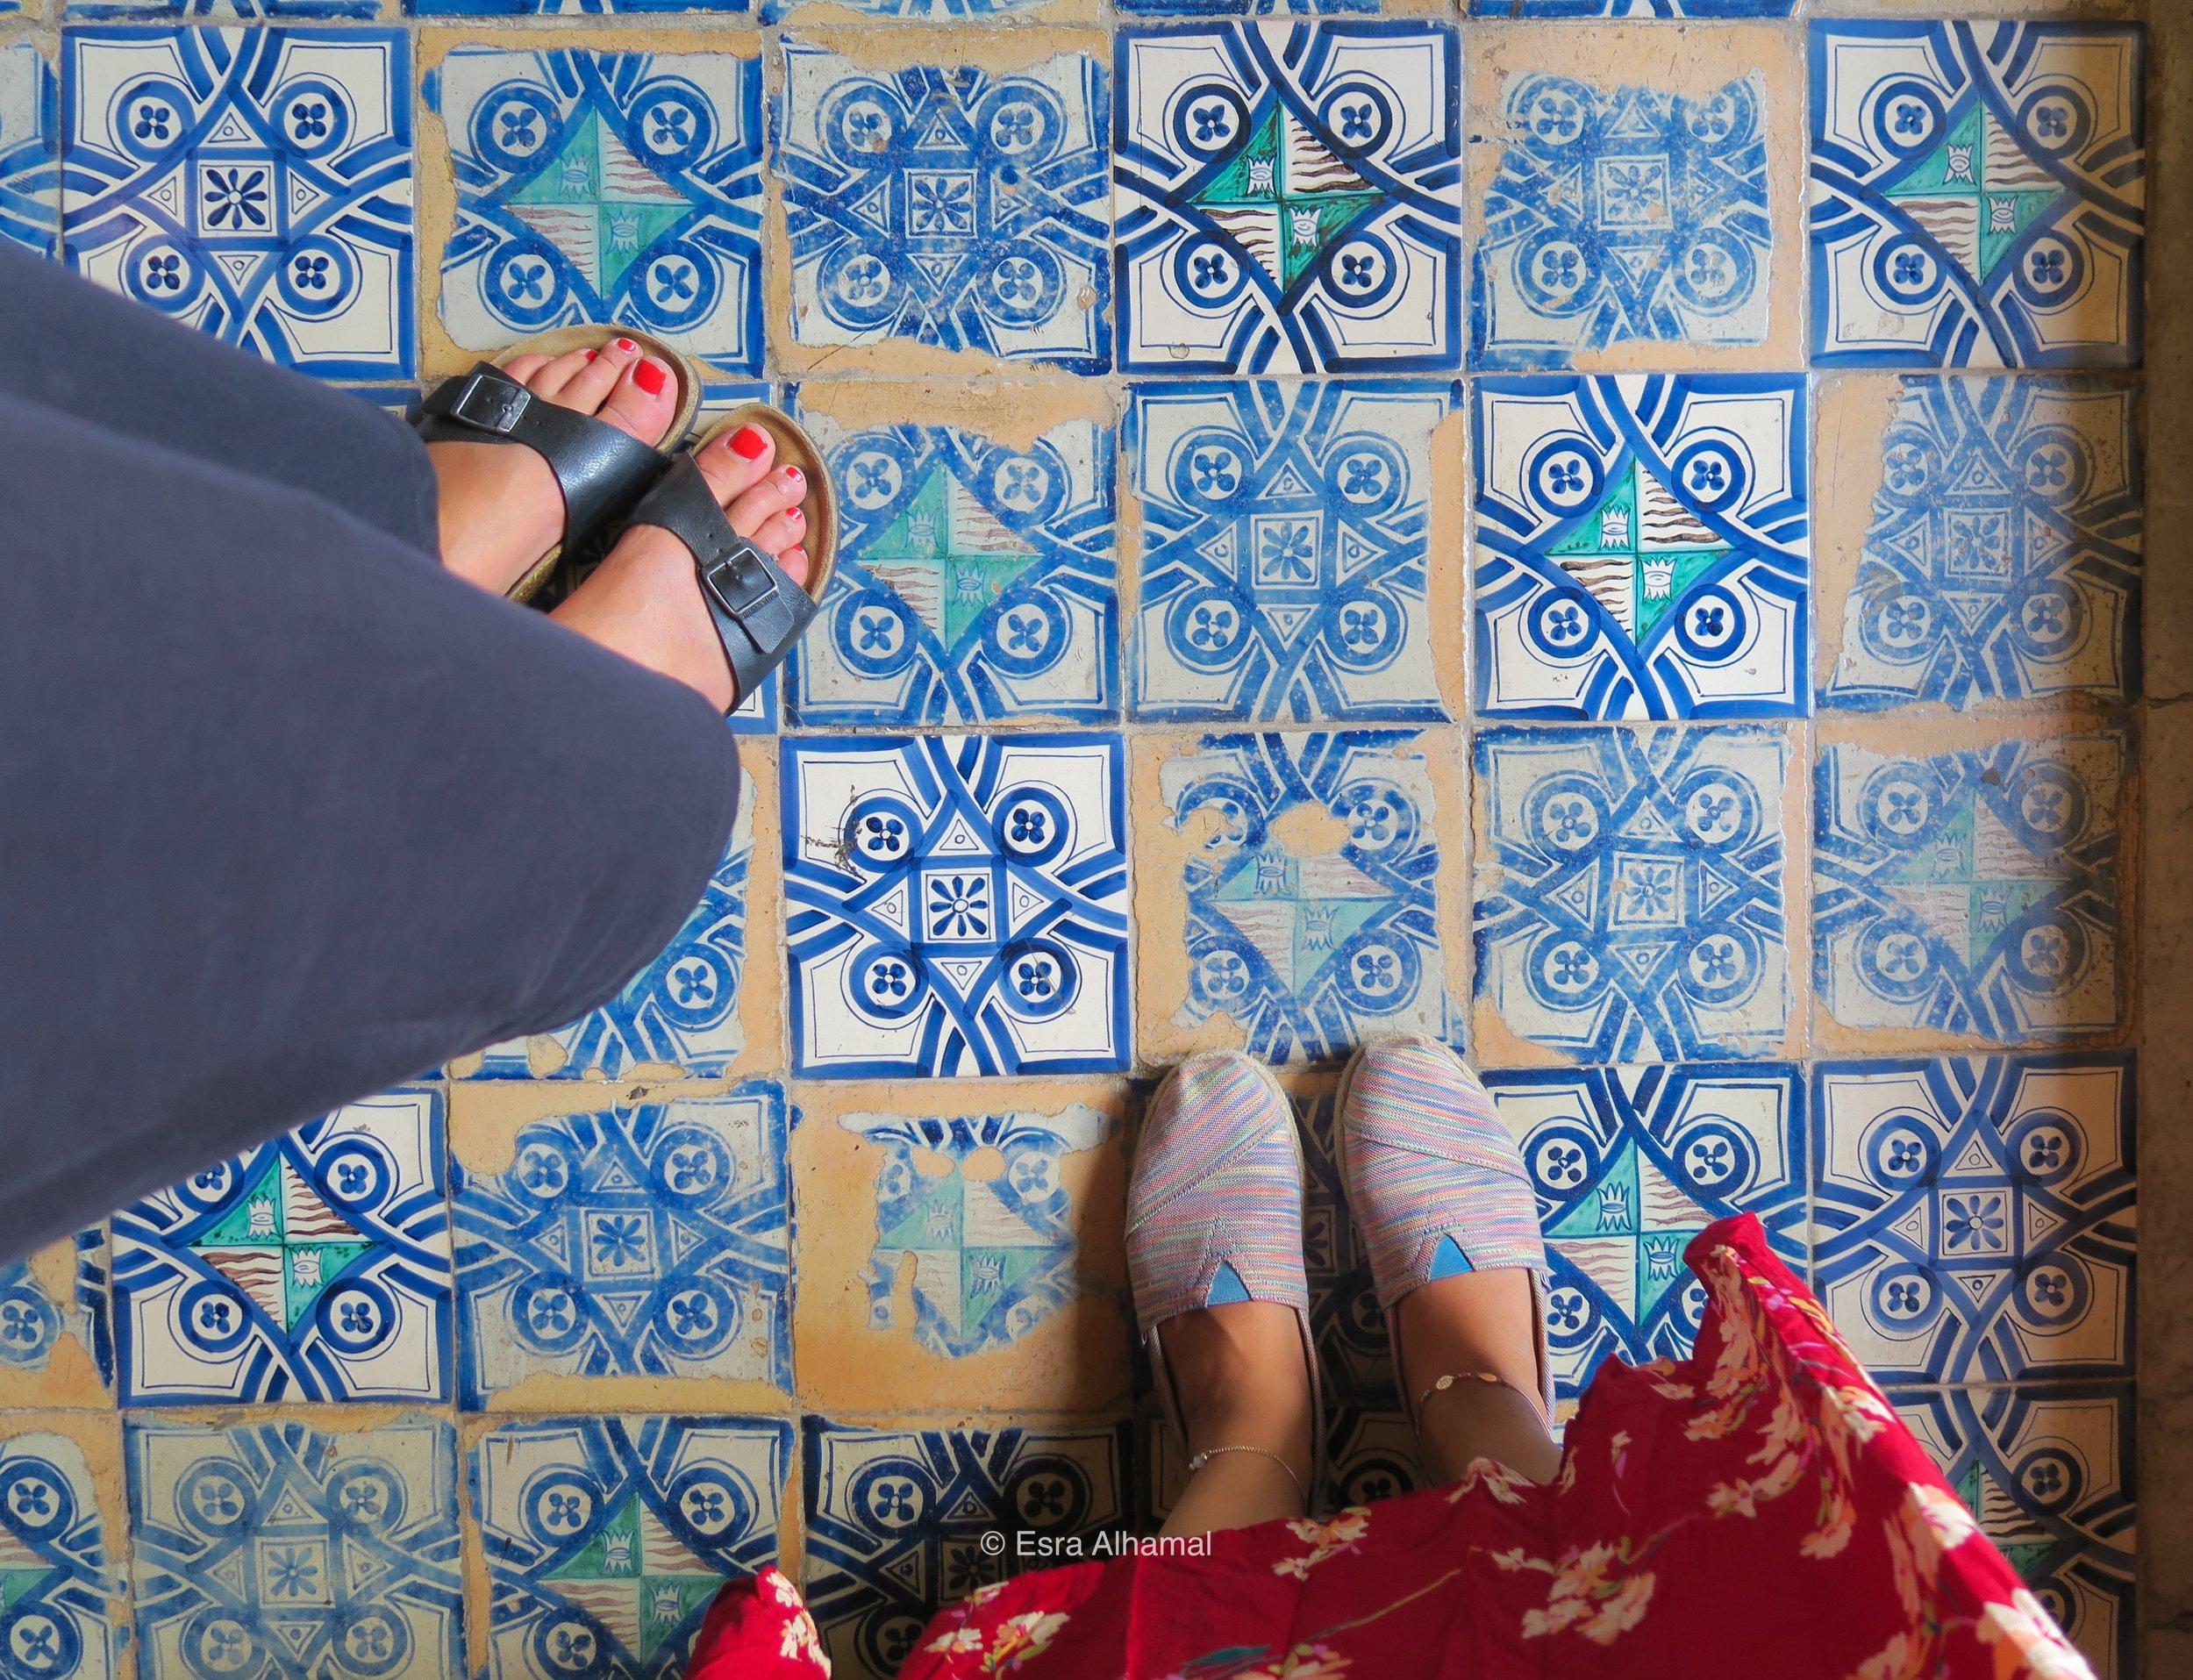 Tiles in Vatican City